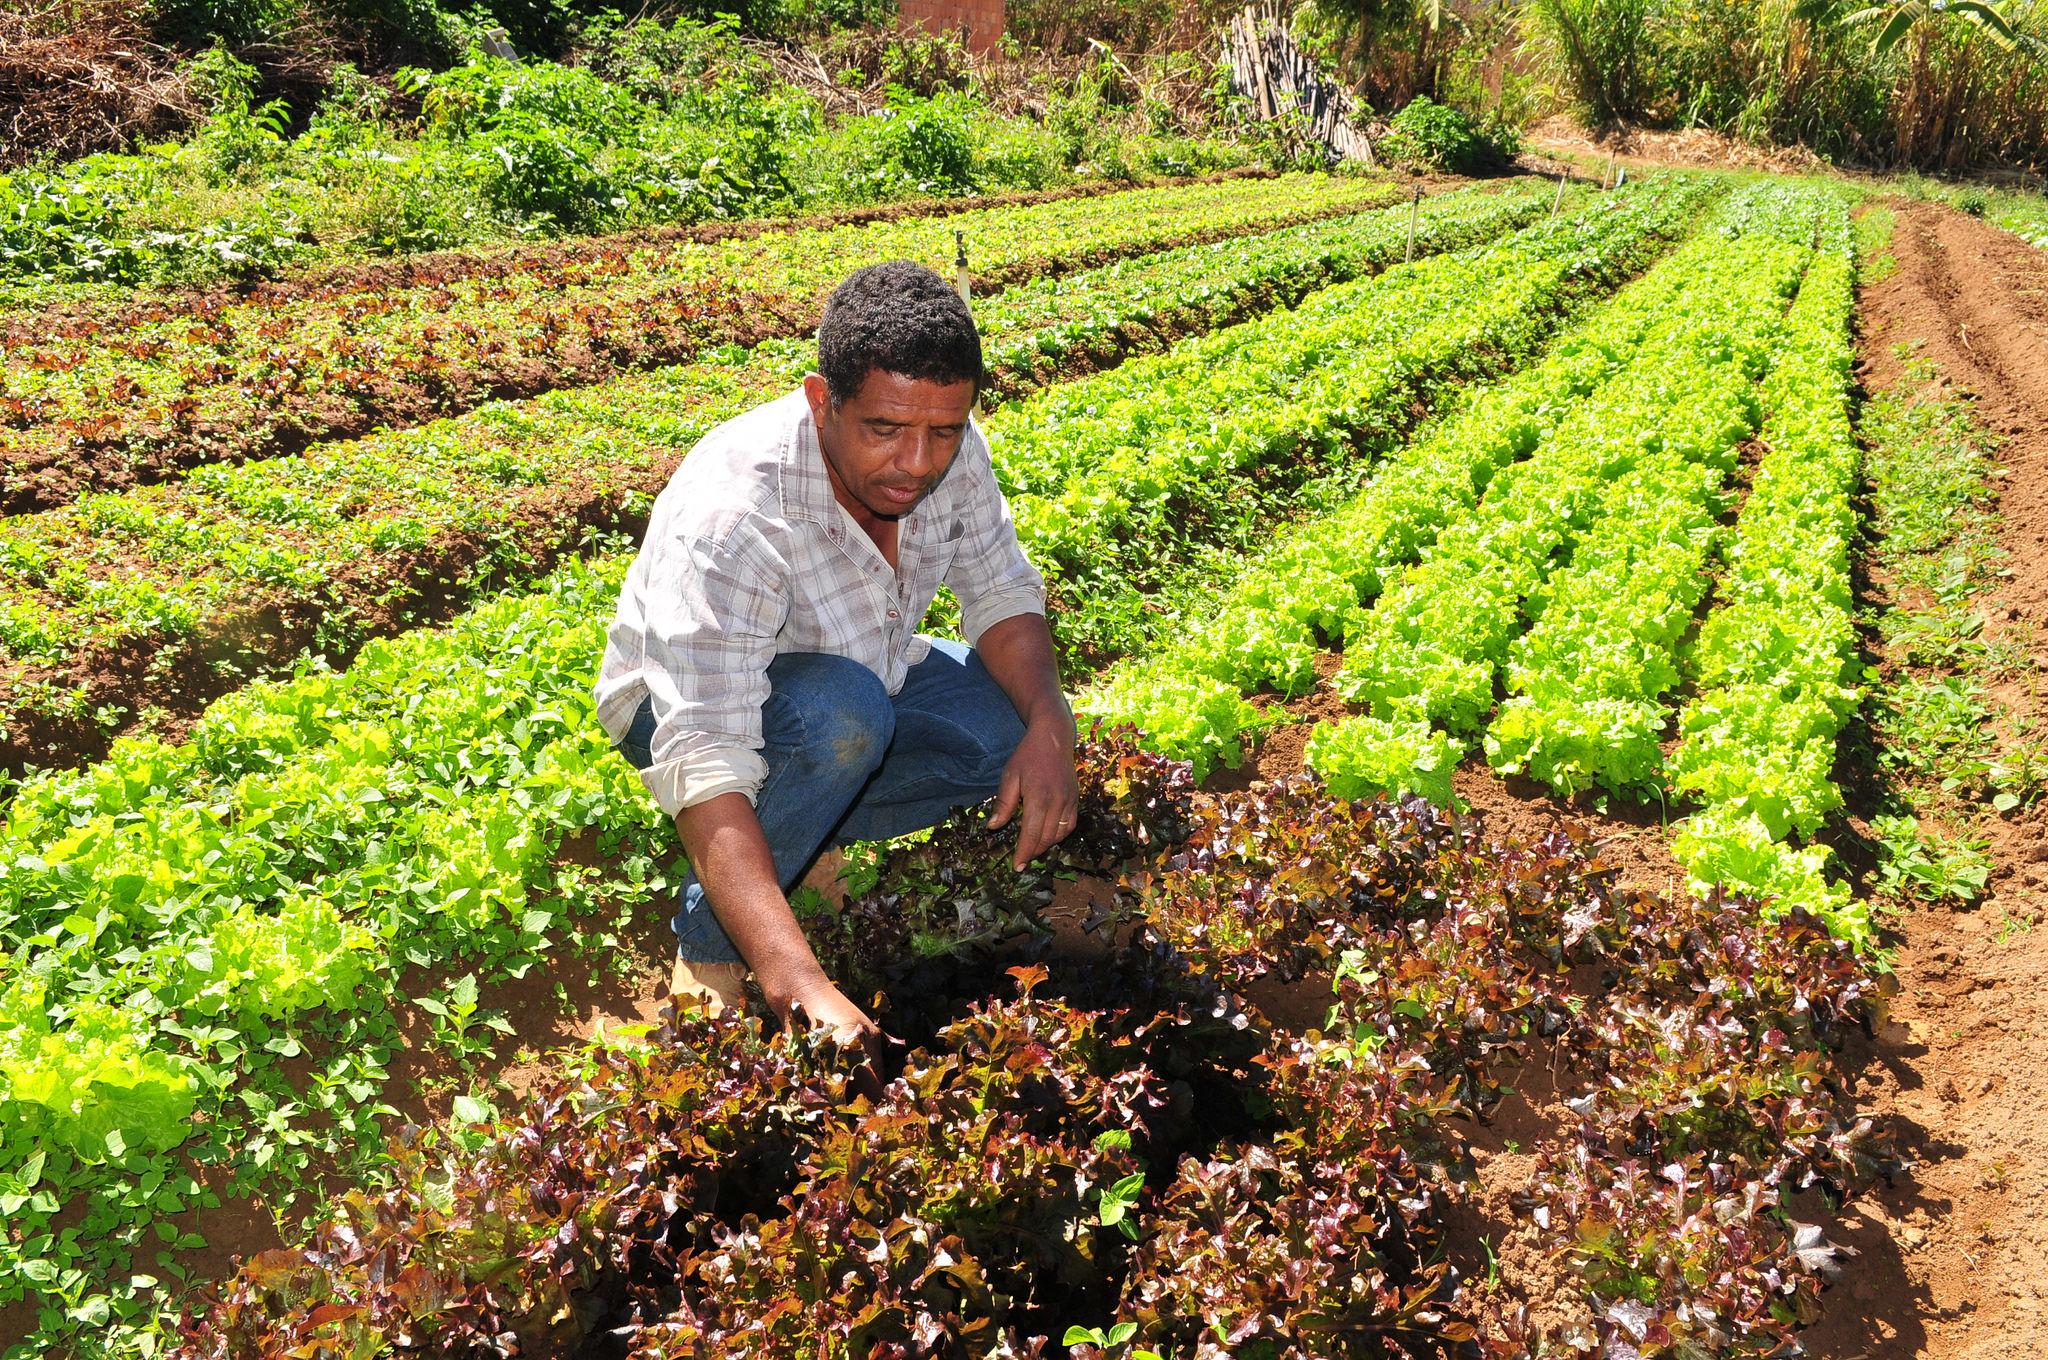 Agropecuária - plantações - agricultura familiar agricultor hortas